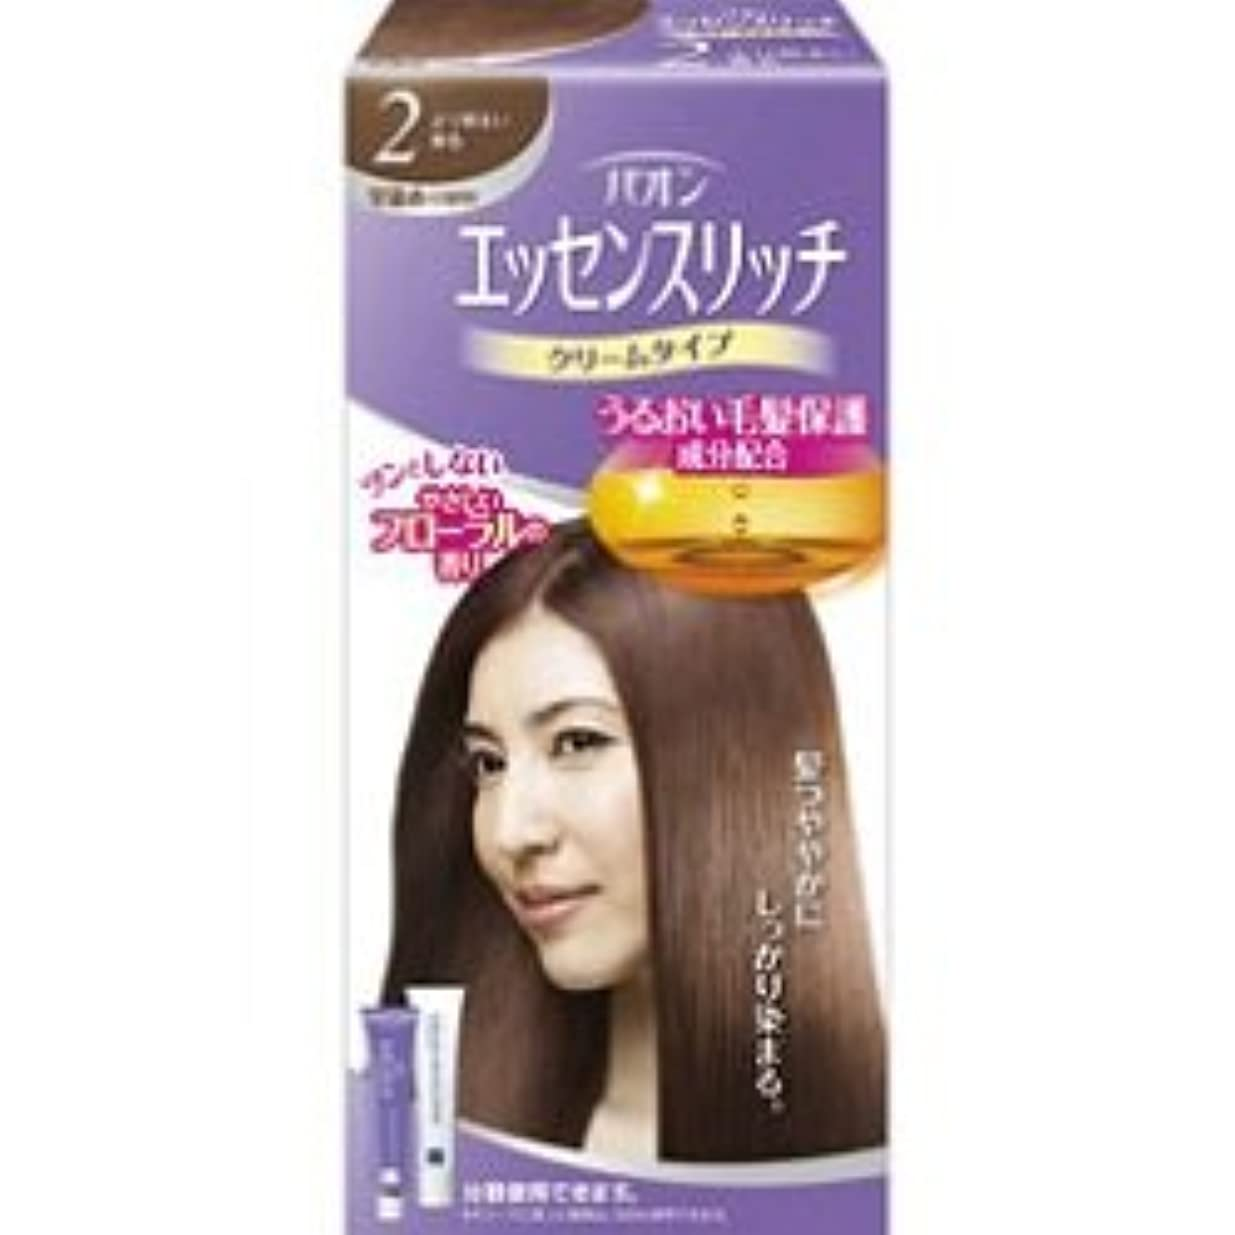 【シュワルツコフヘンケル】パオン エッセンスリッチ クリームタイプ 2 より明るい栗色 ×20個セット